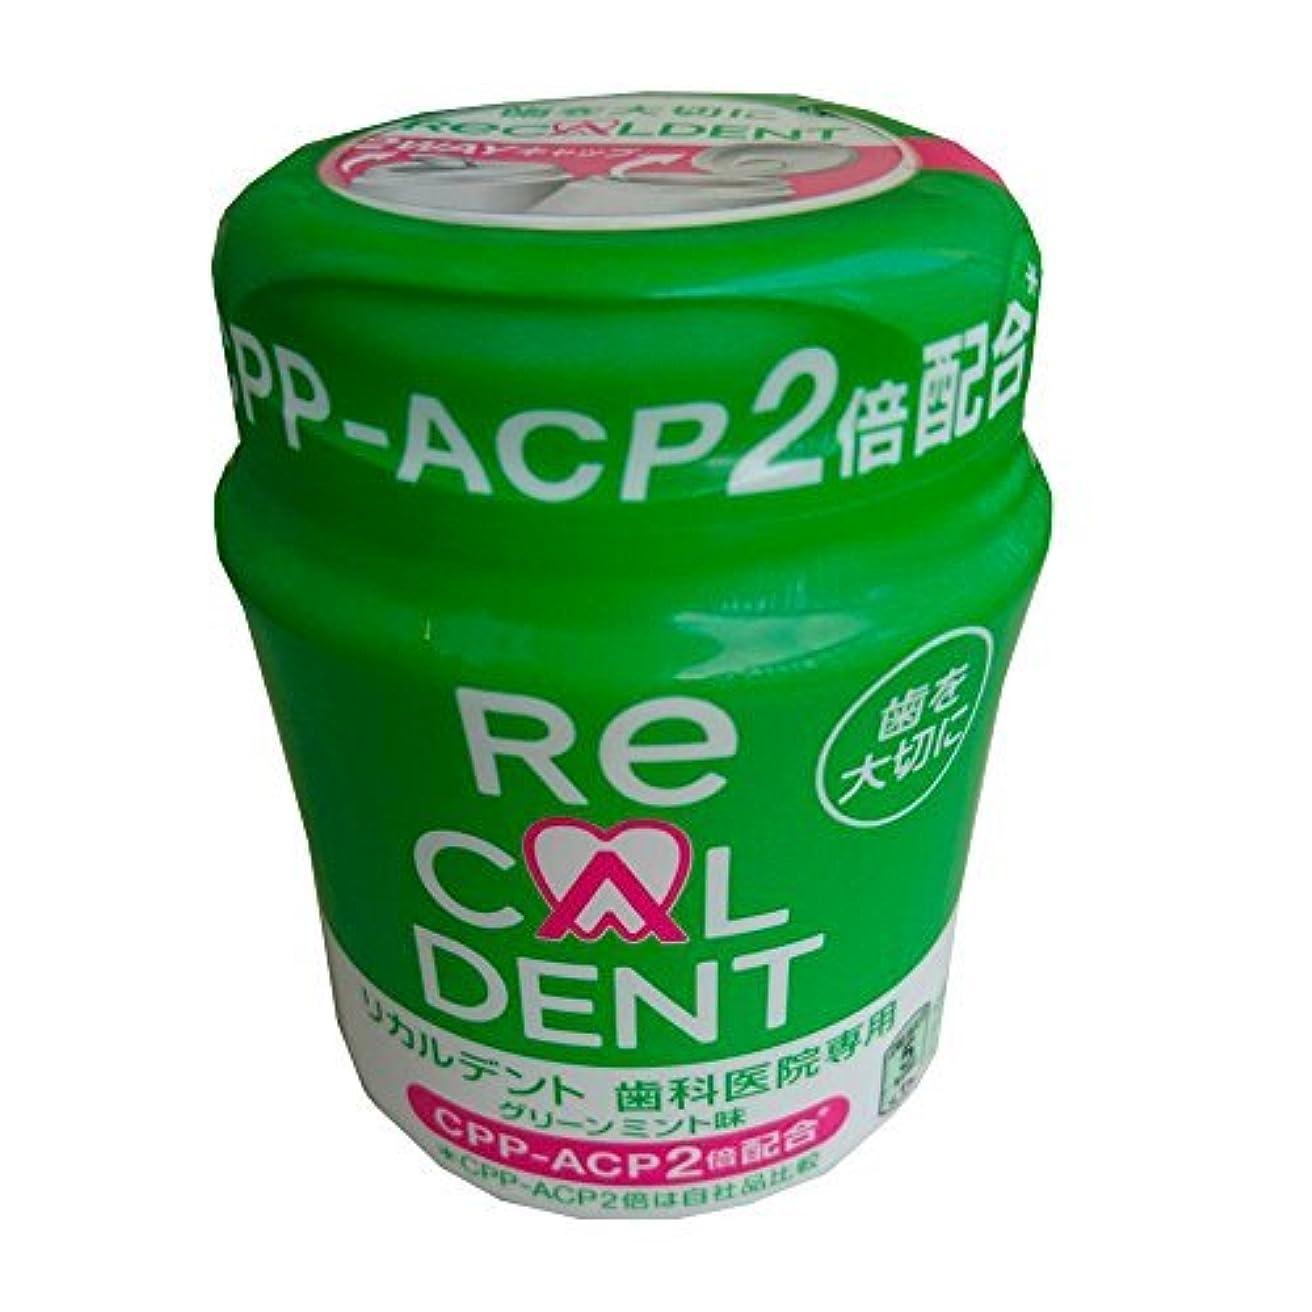 過ち有効レジ歯科医院専用 リカルデントガム グリーンミント味 140gボトル 1個